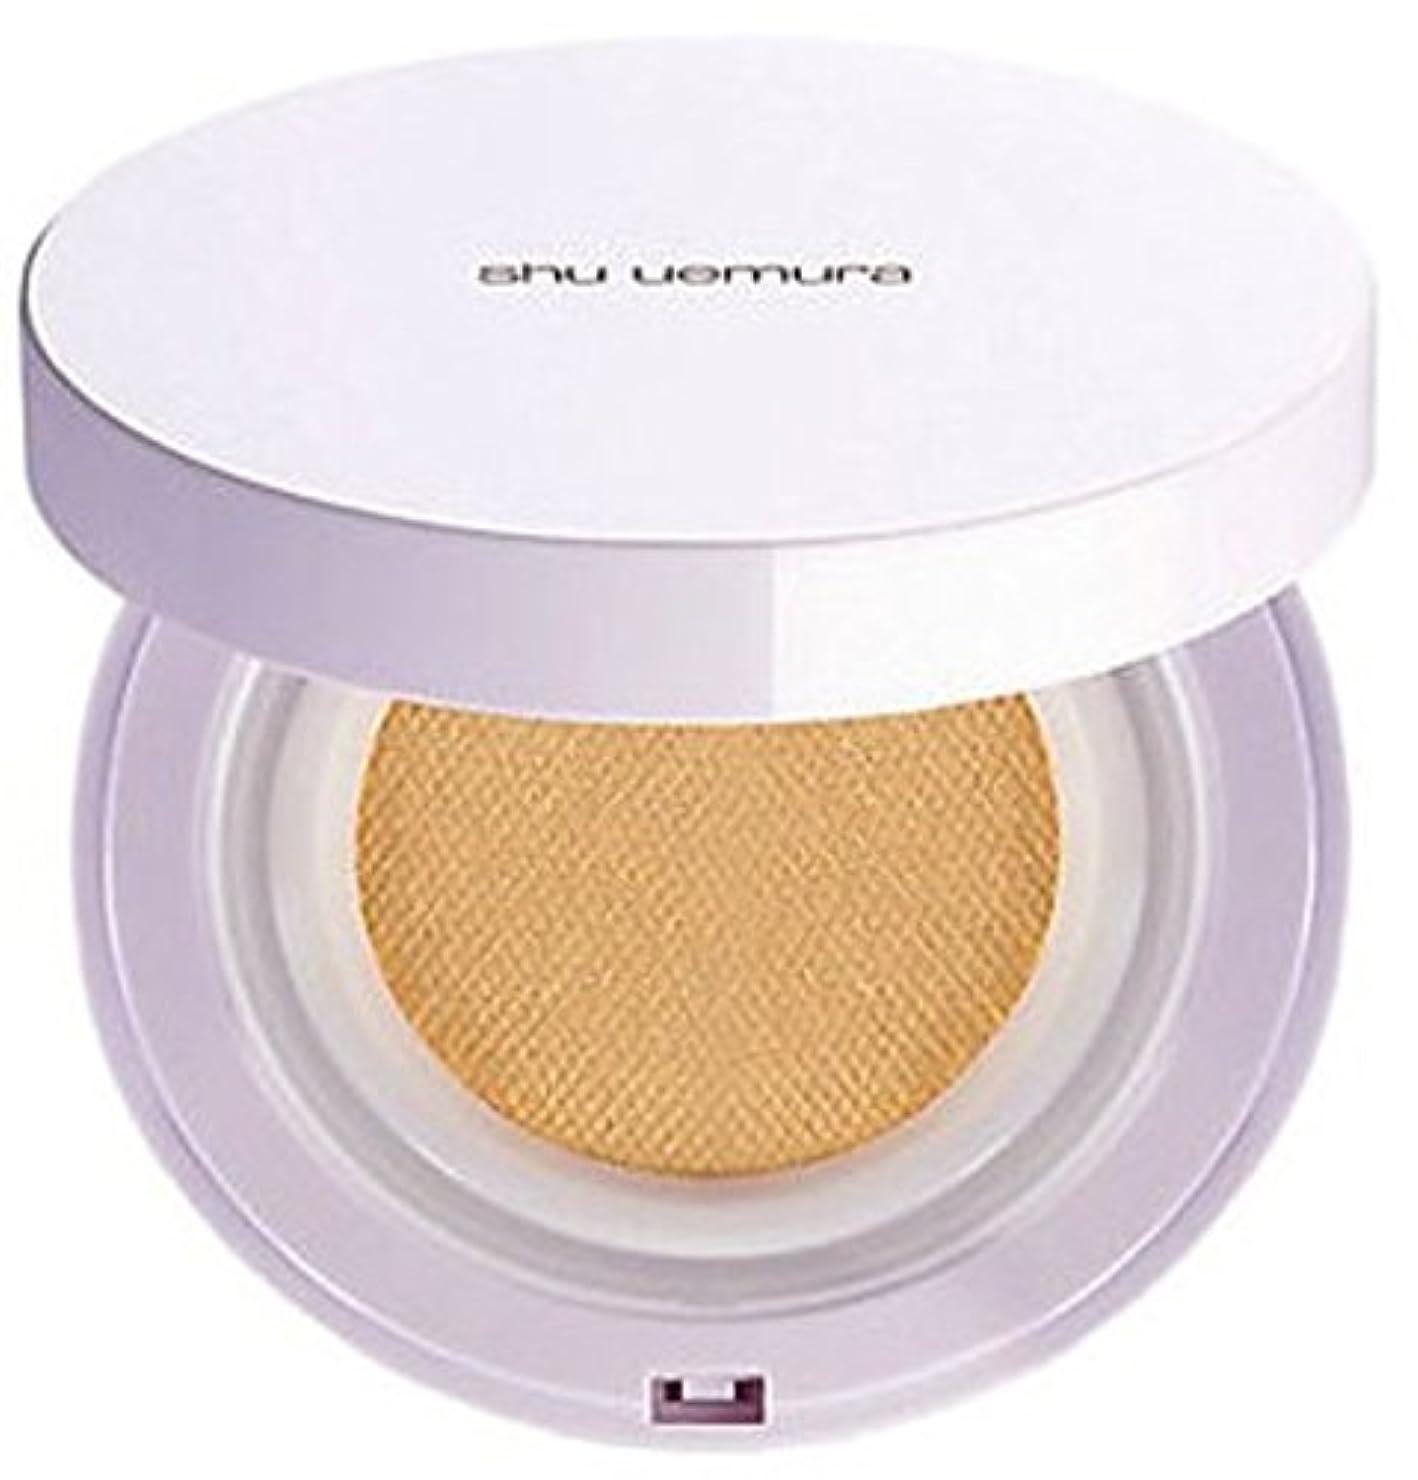 組立支出香水ブランクロマ ブライトニング UV クッションファンデーション 564(レフィル)